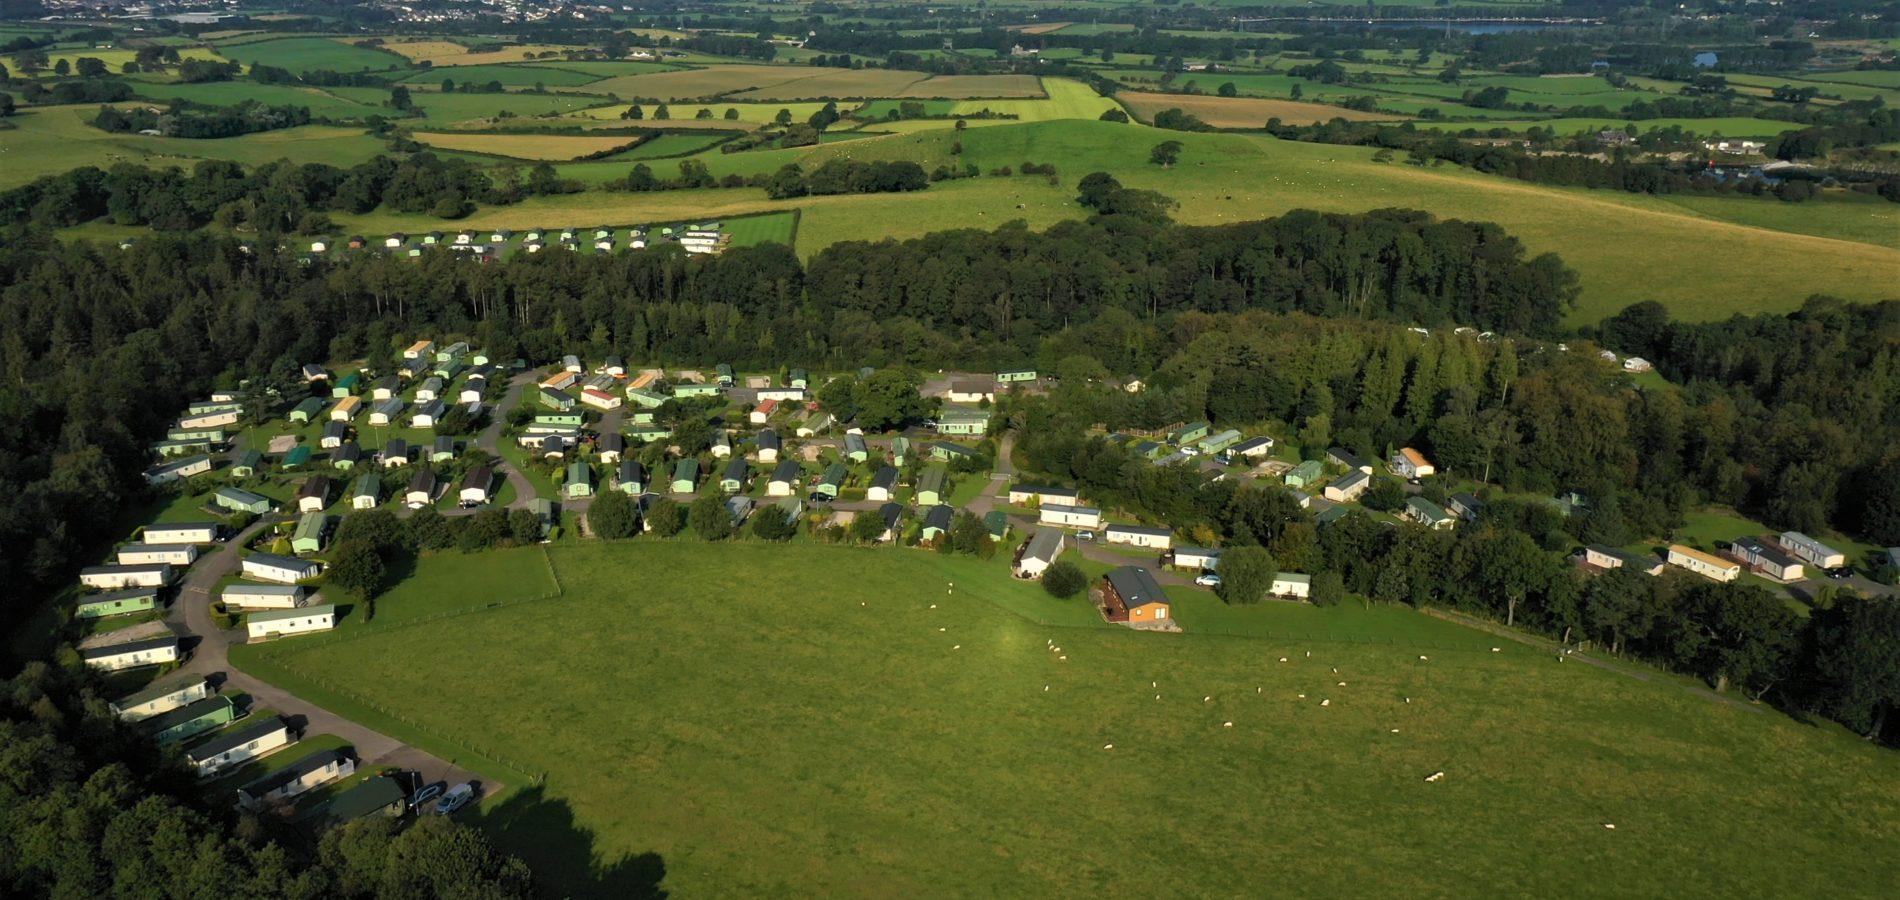 Our Caravan Park Lancashire